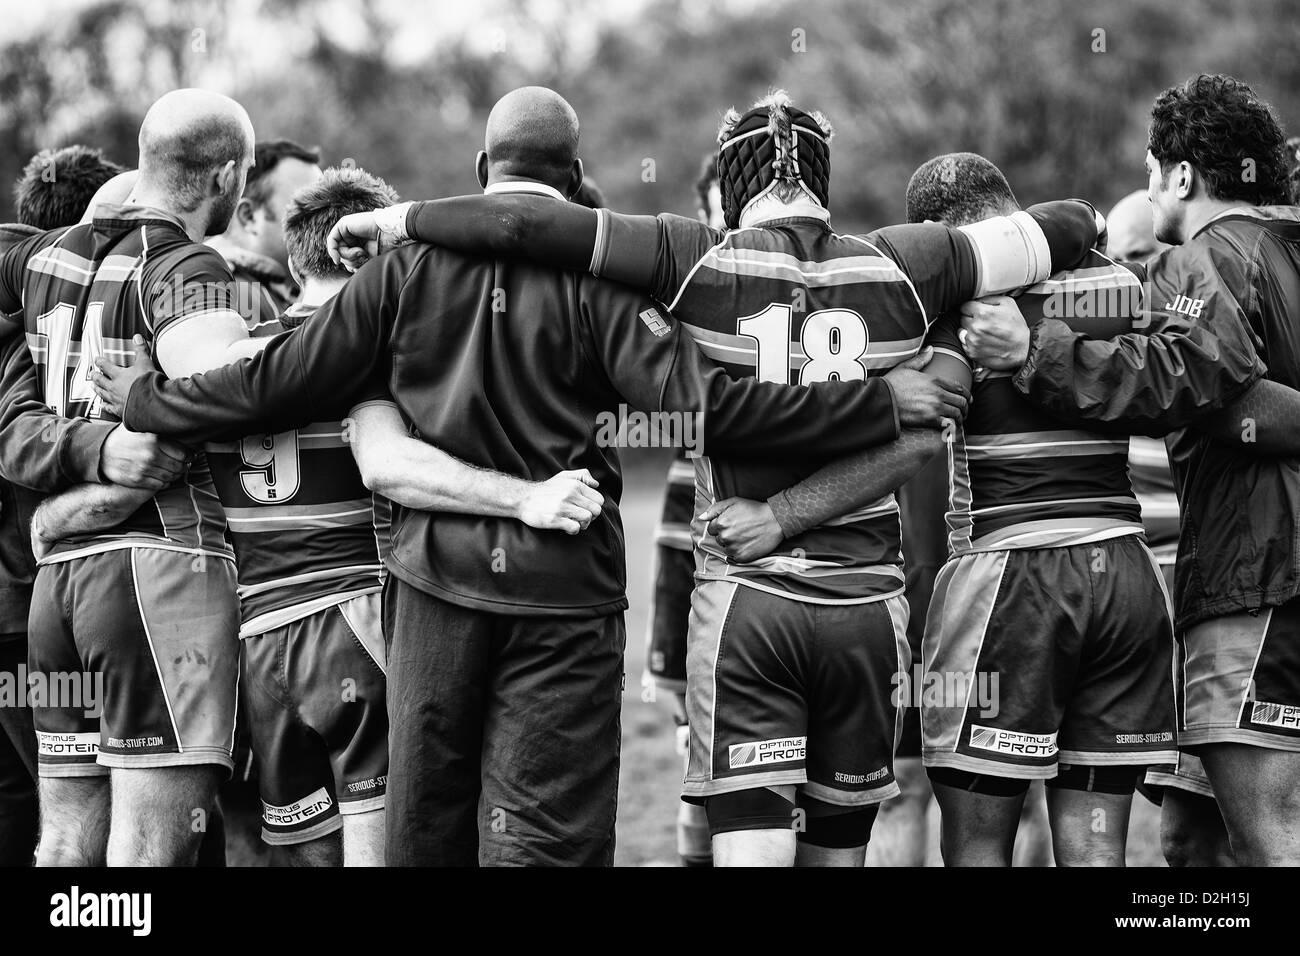 Une équipe de joueurs de rugby après un match huddle Photo Stock